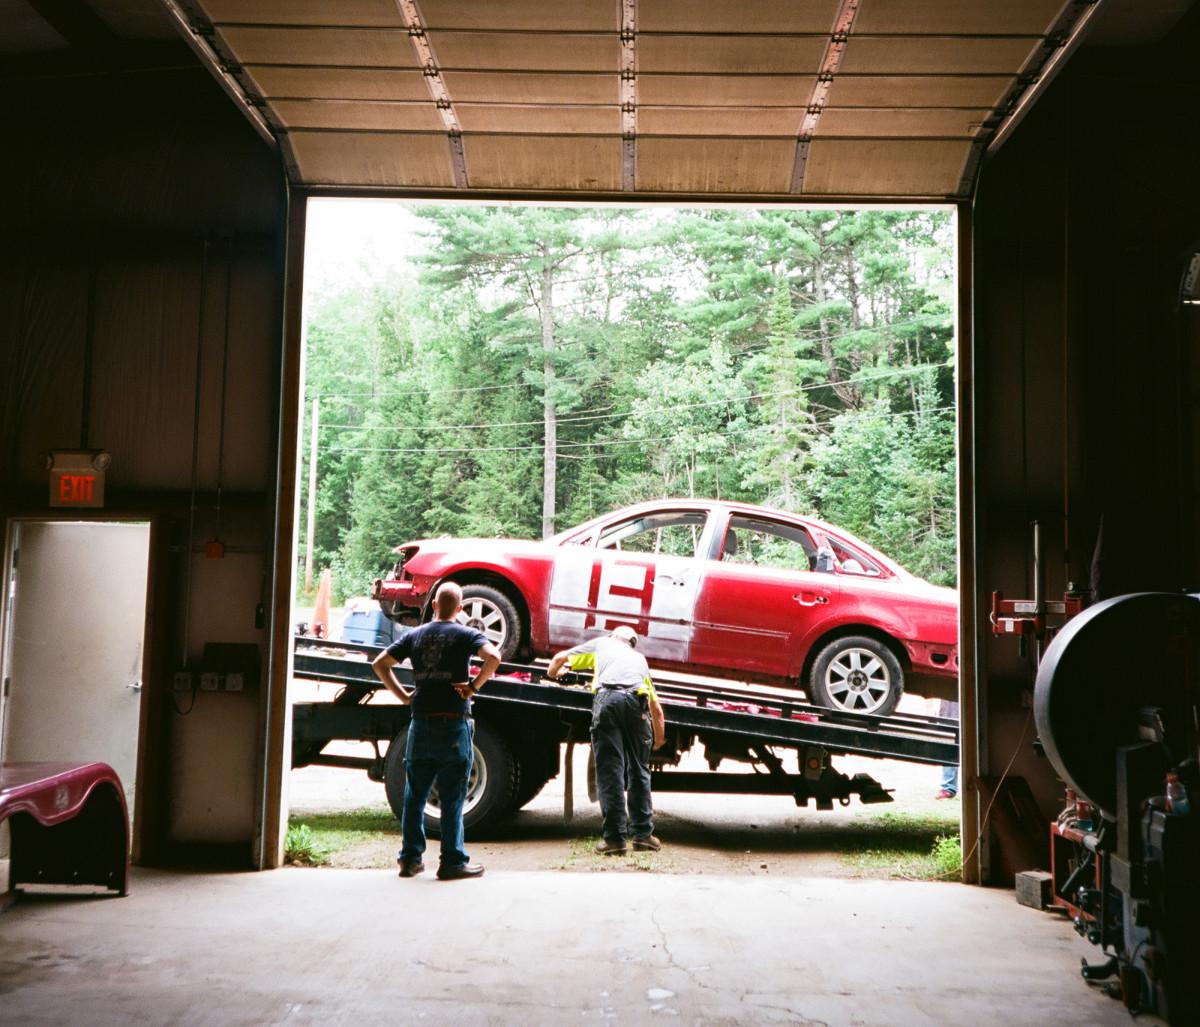 demo-derby-garage-view.jpg